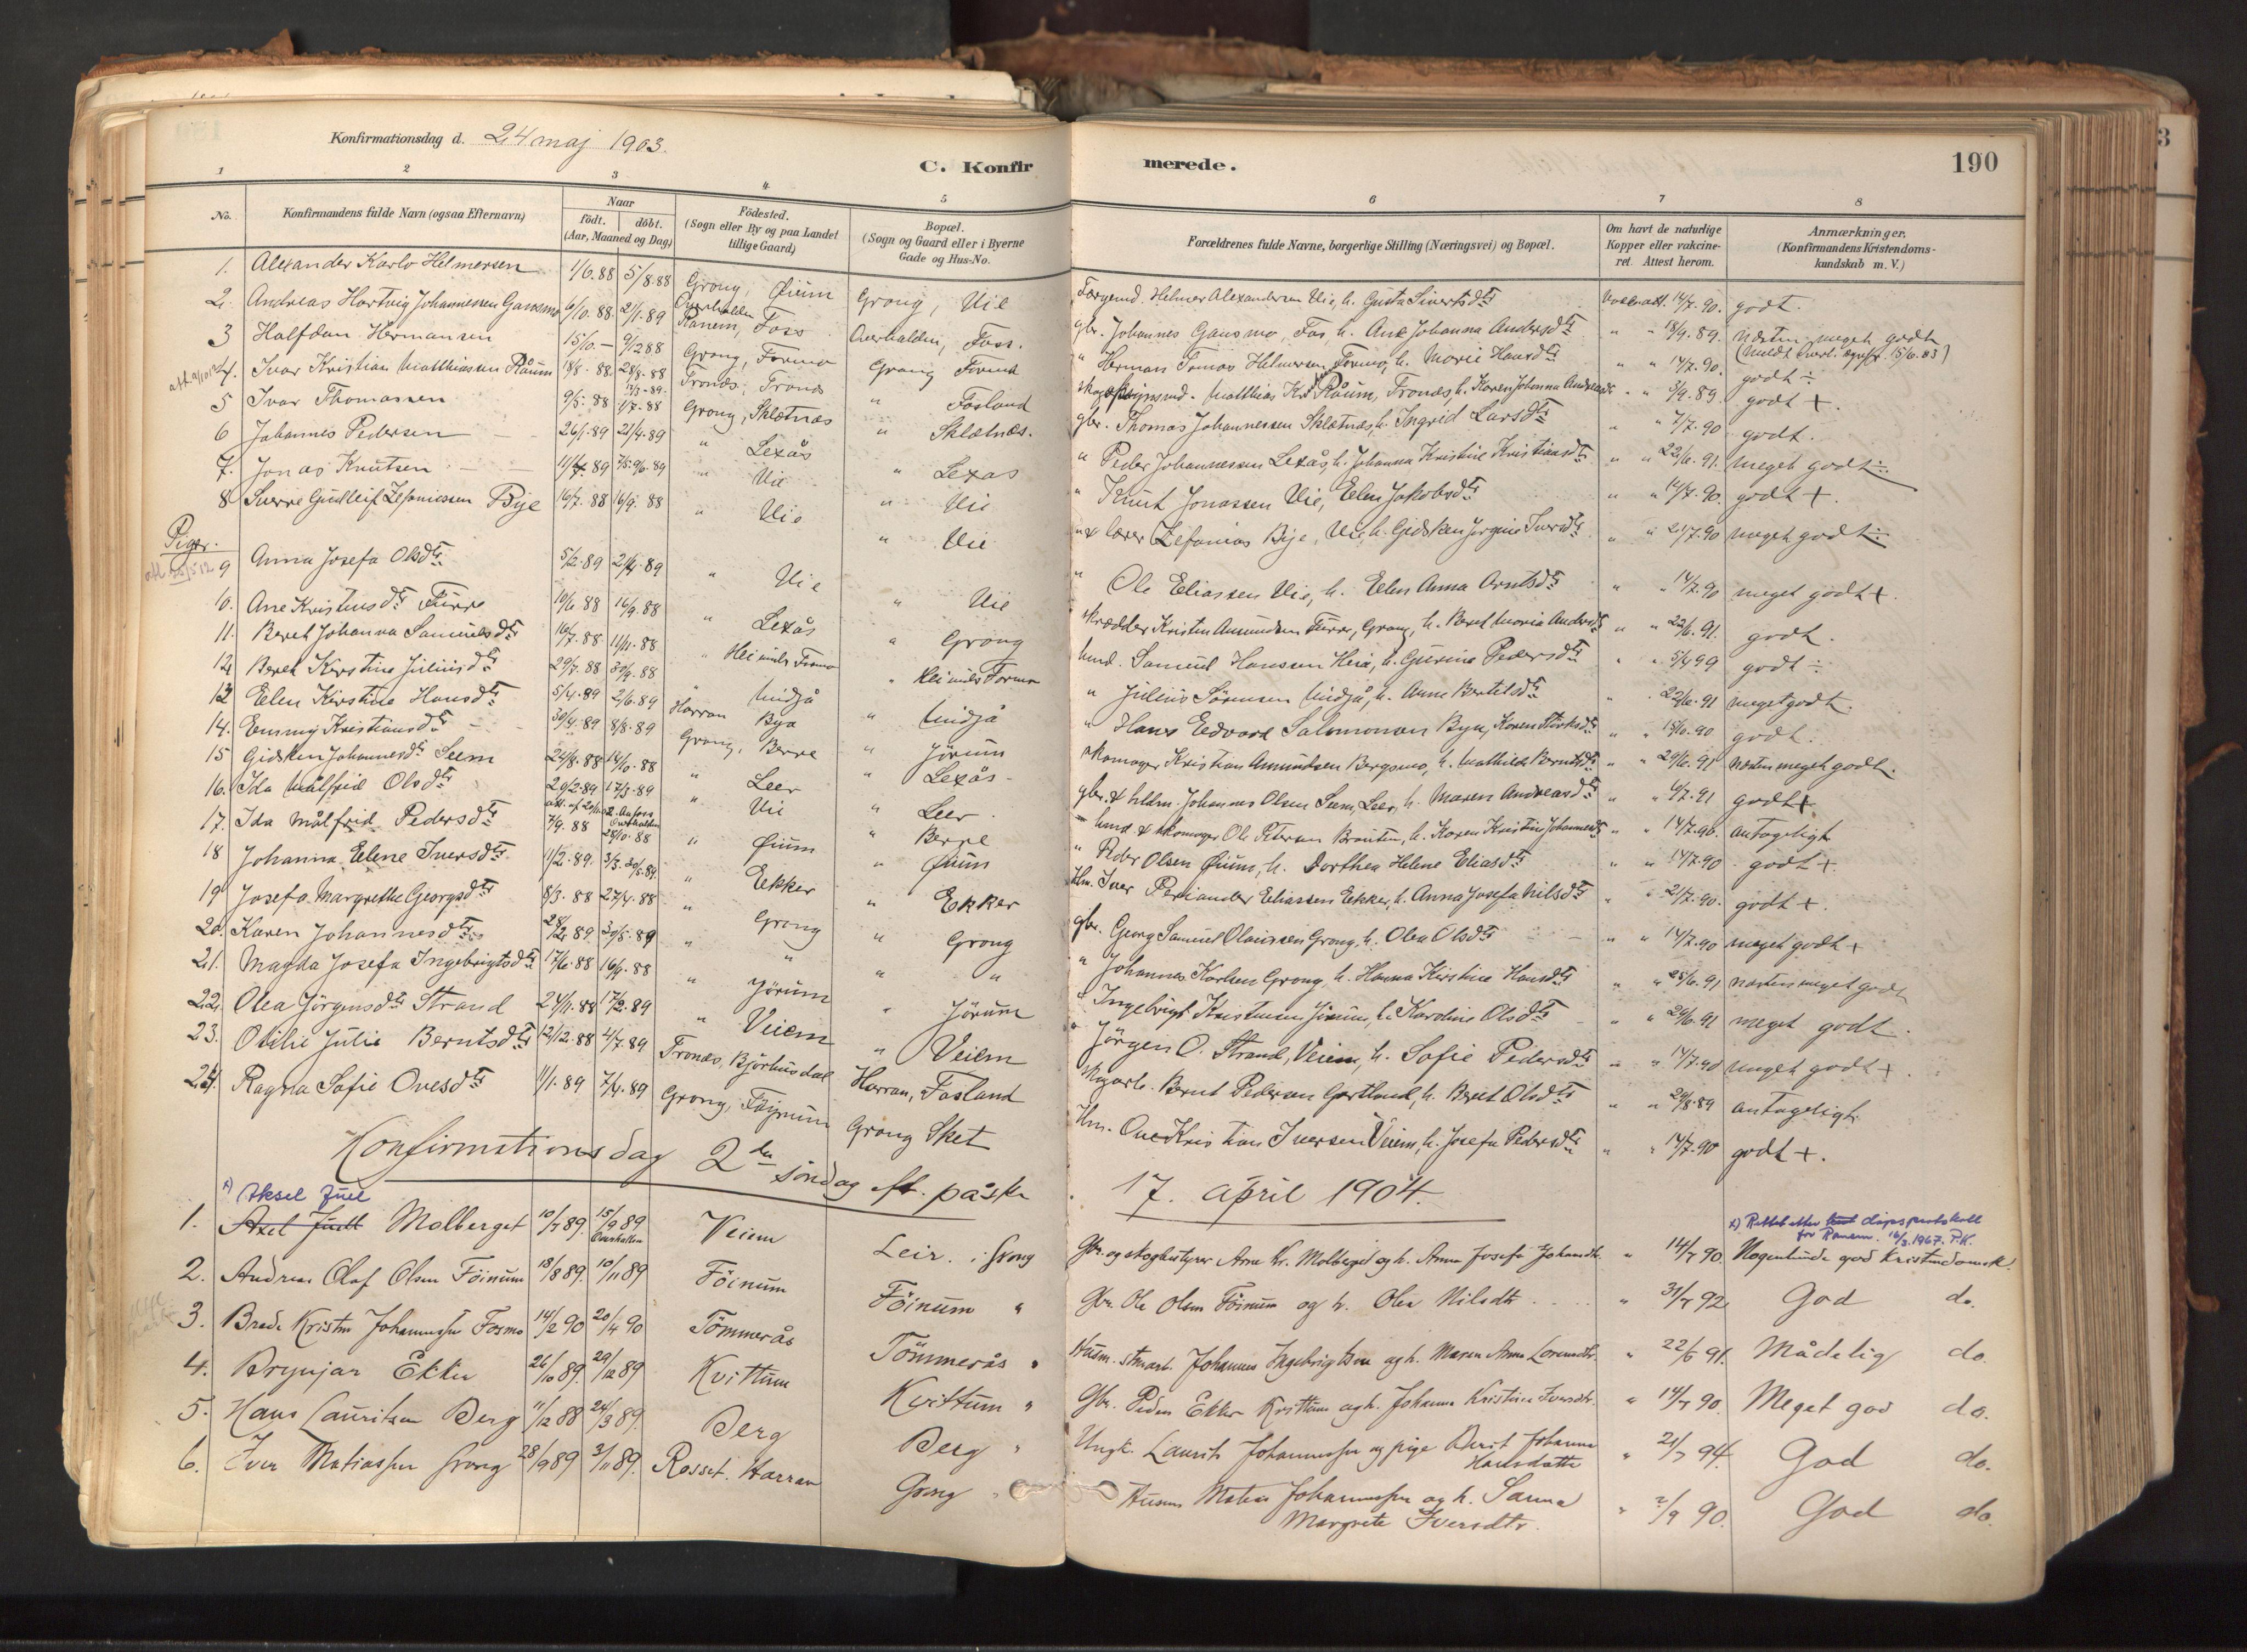 SAT, Ministerialprotokoller, klokkerbøker og fødselsregistre - Nord-Trøndelag, 758/L0519: Ministerialbok nr. 758A04, 1880-1926, s. 190